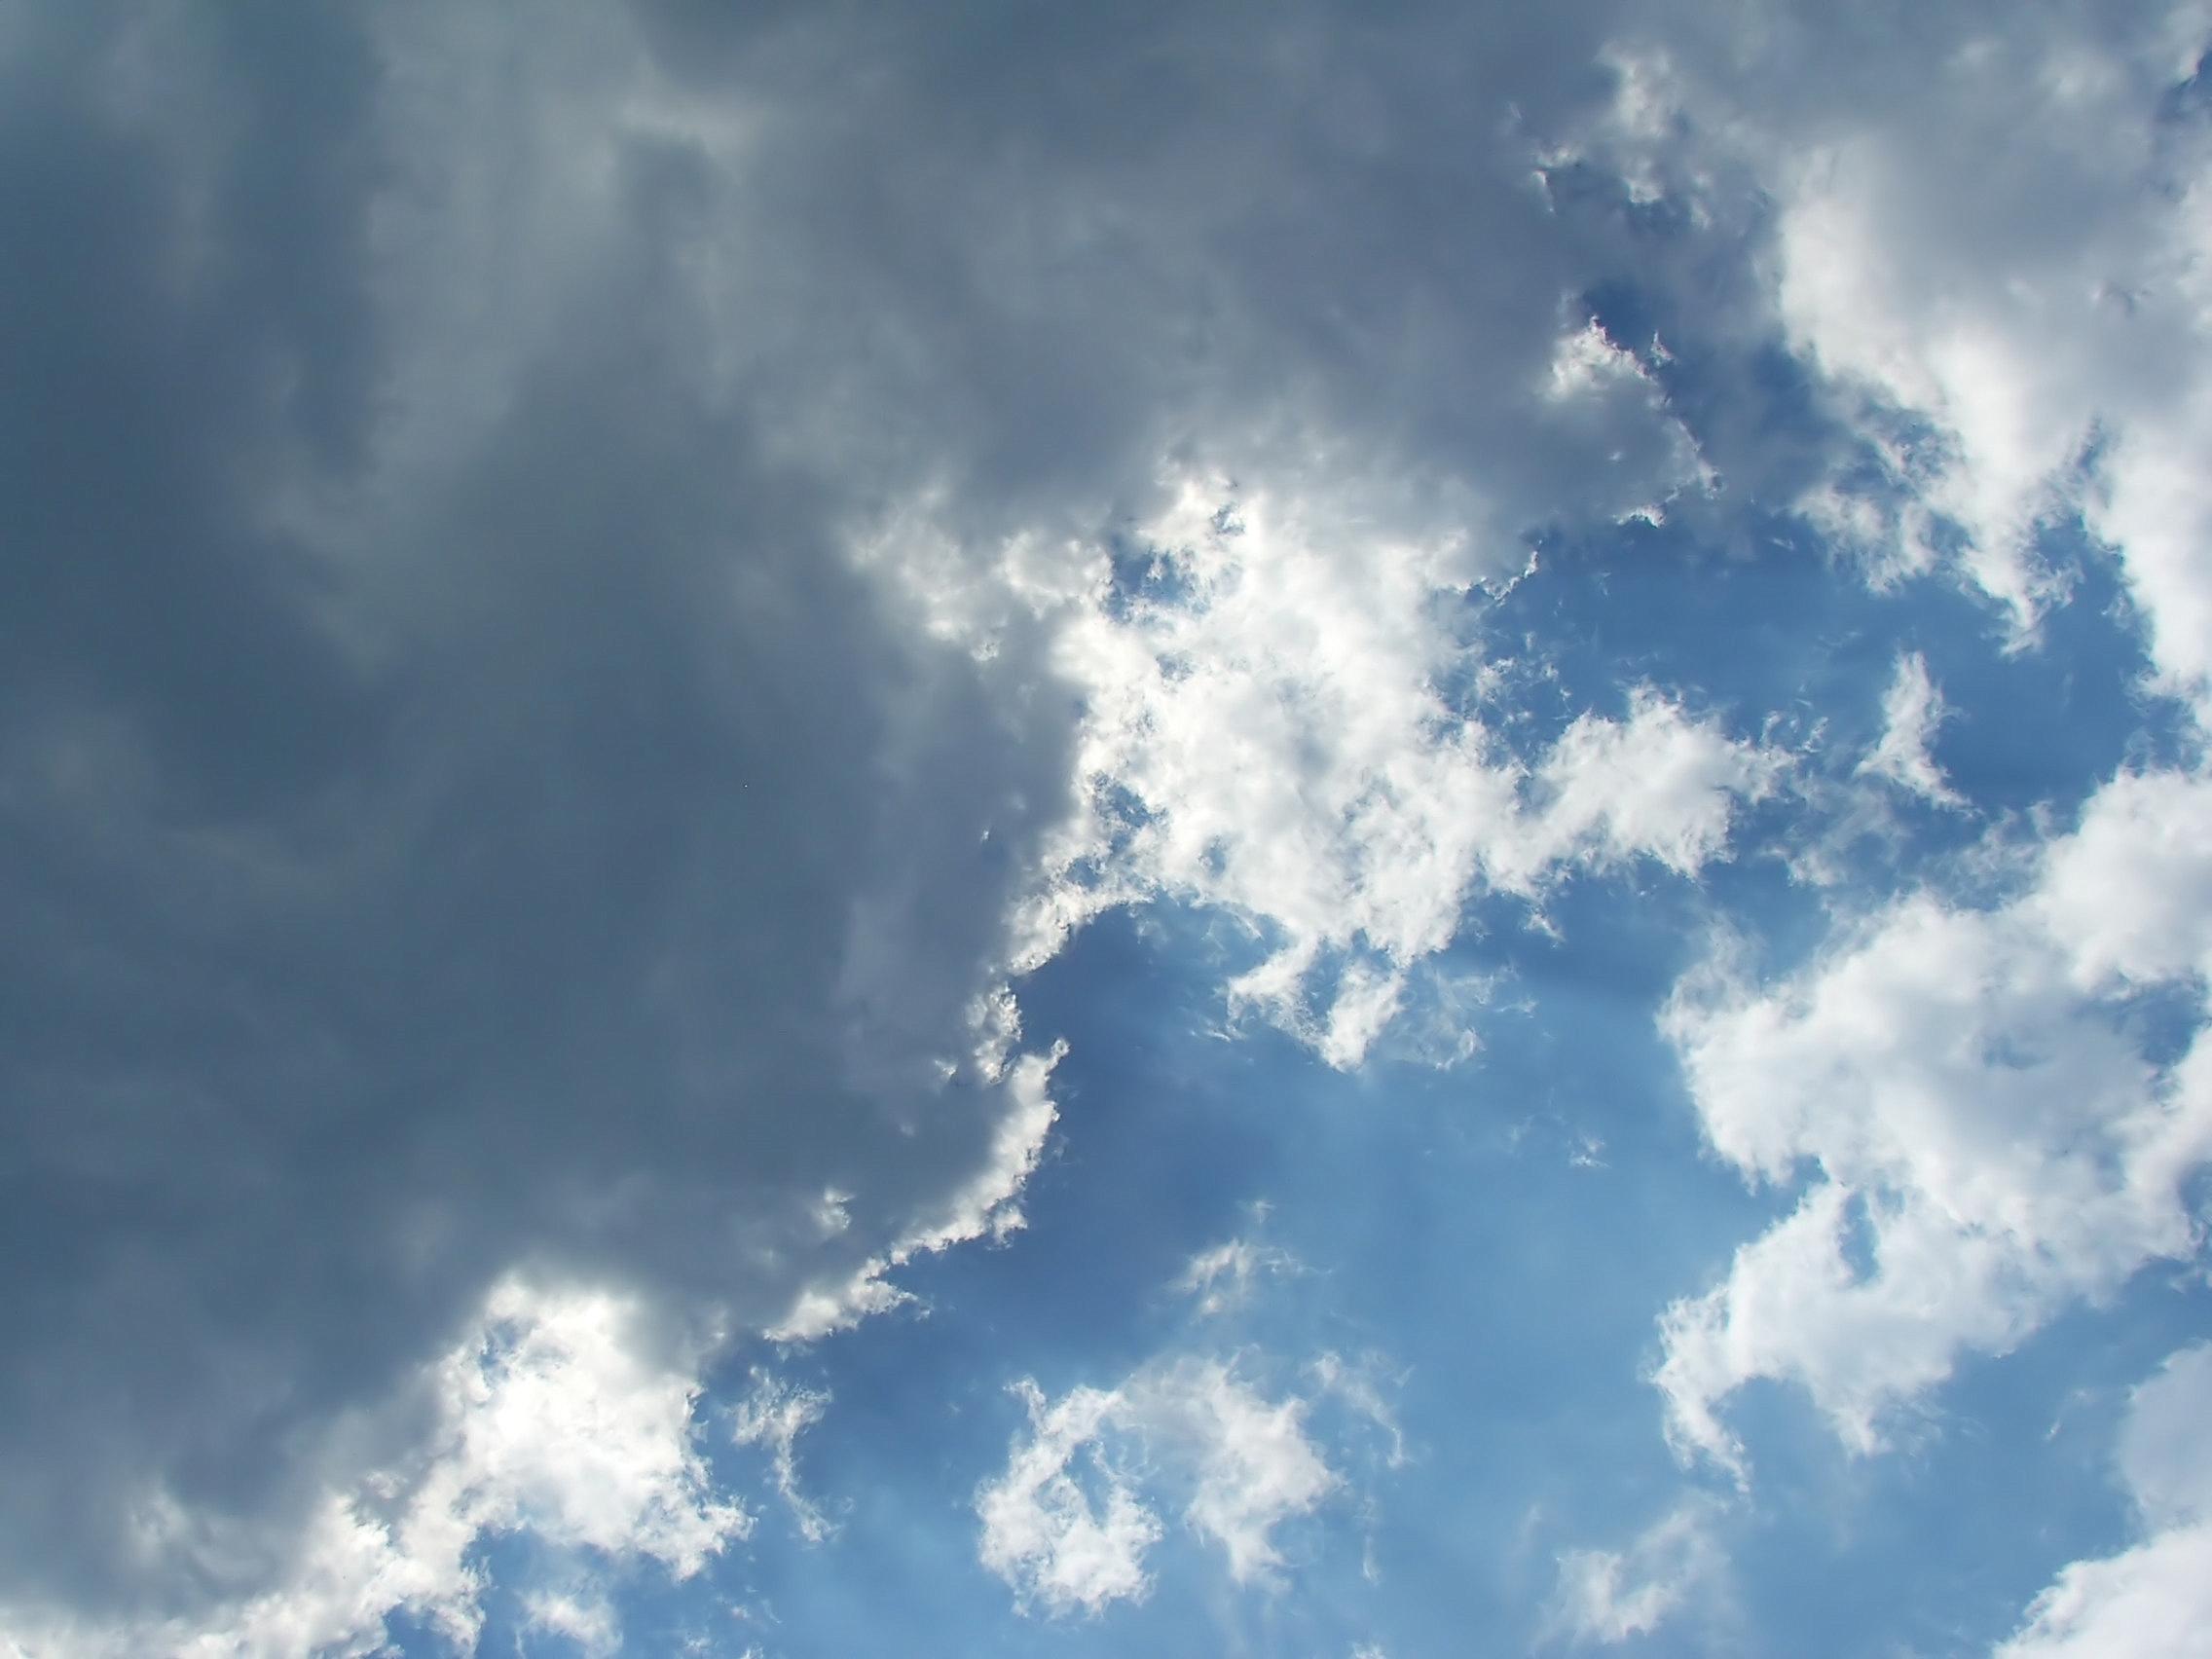 Viewing heaven photo